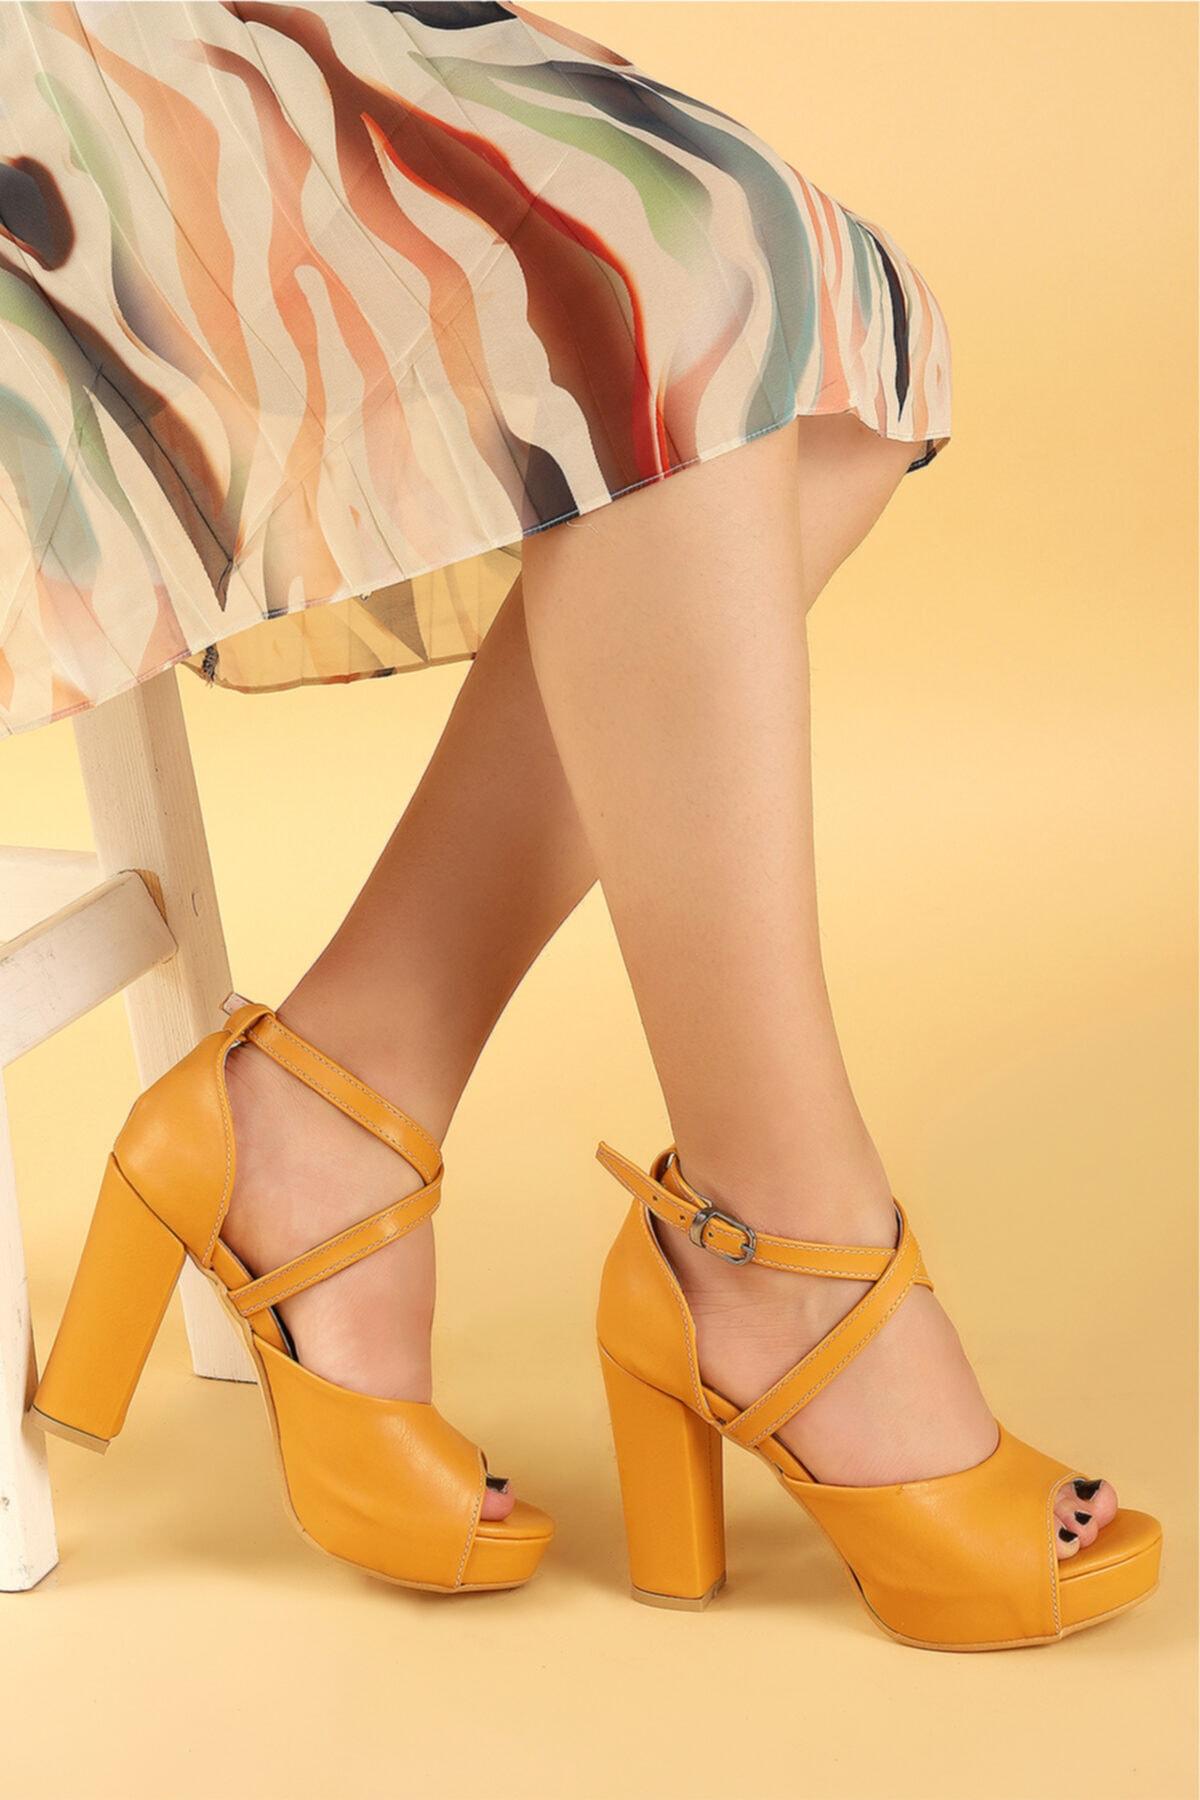 Ayakland Kadın Hardal Platform Topuklu Ayakkabı 11 cm 3210-2058 1